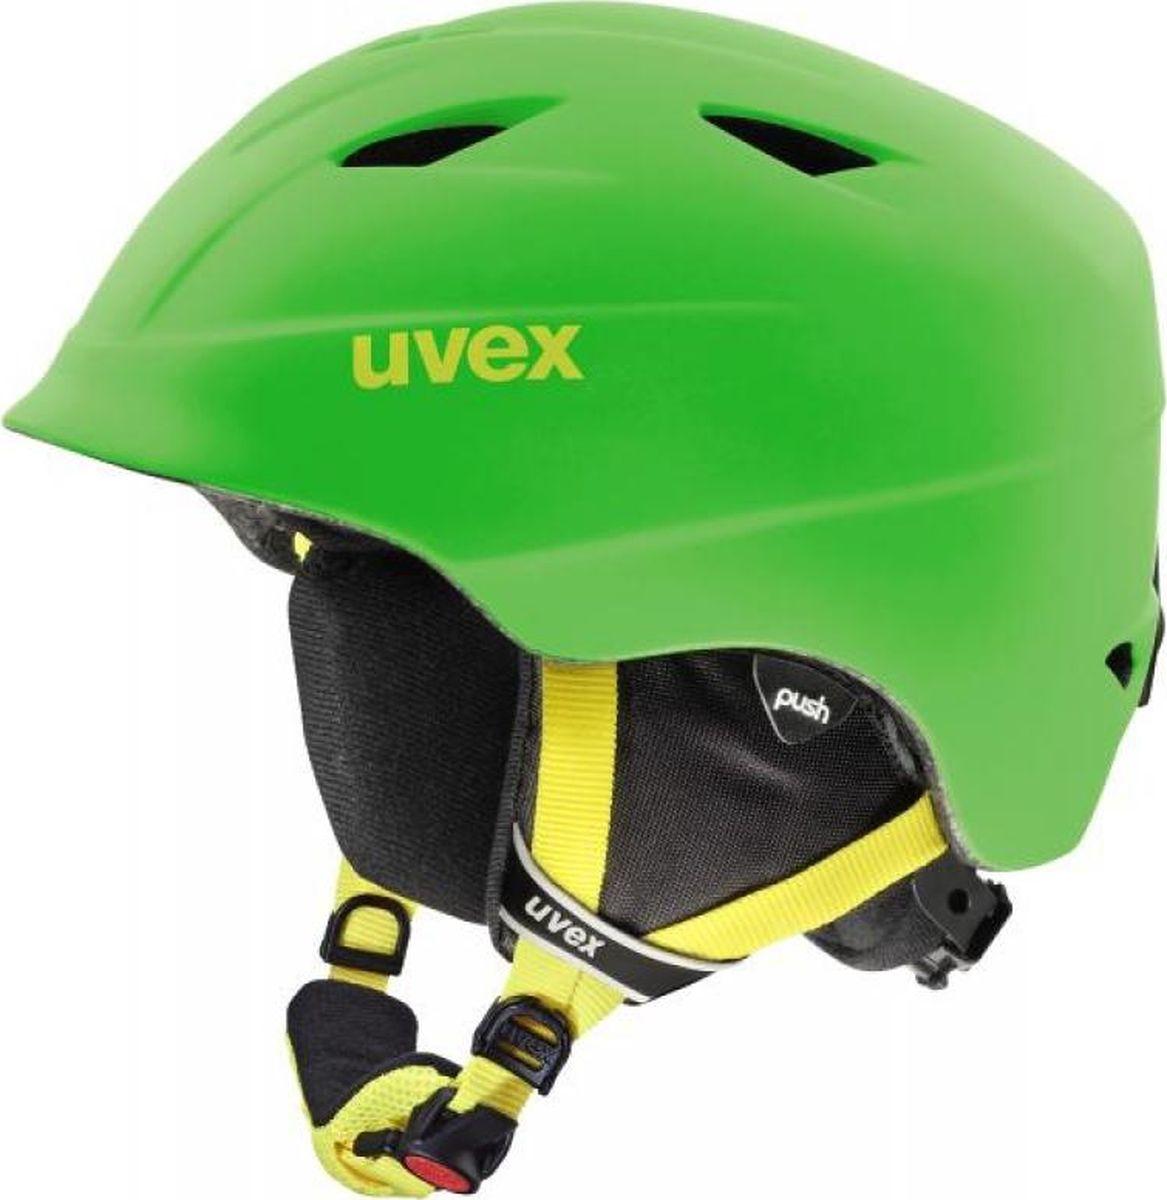 Шлем горнолыжный детский Uvex Airwing 2, цвет: зеленый матовый. Размер XXXS/XXS